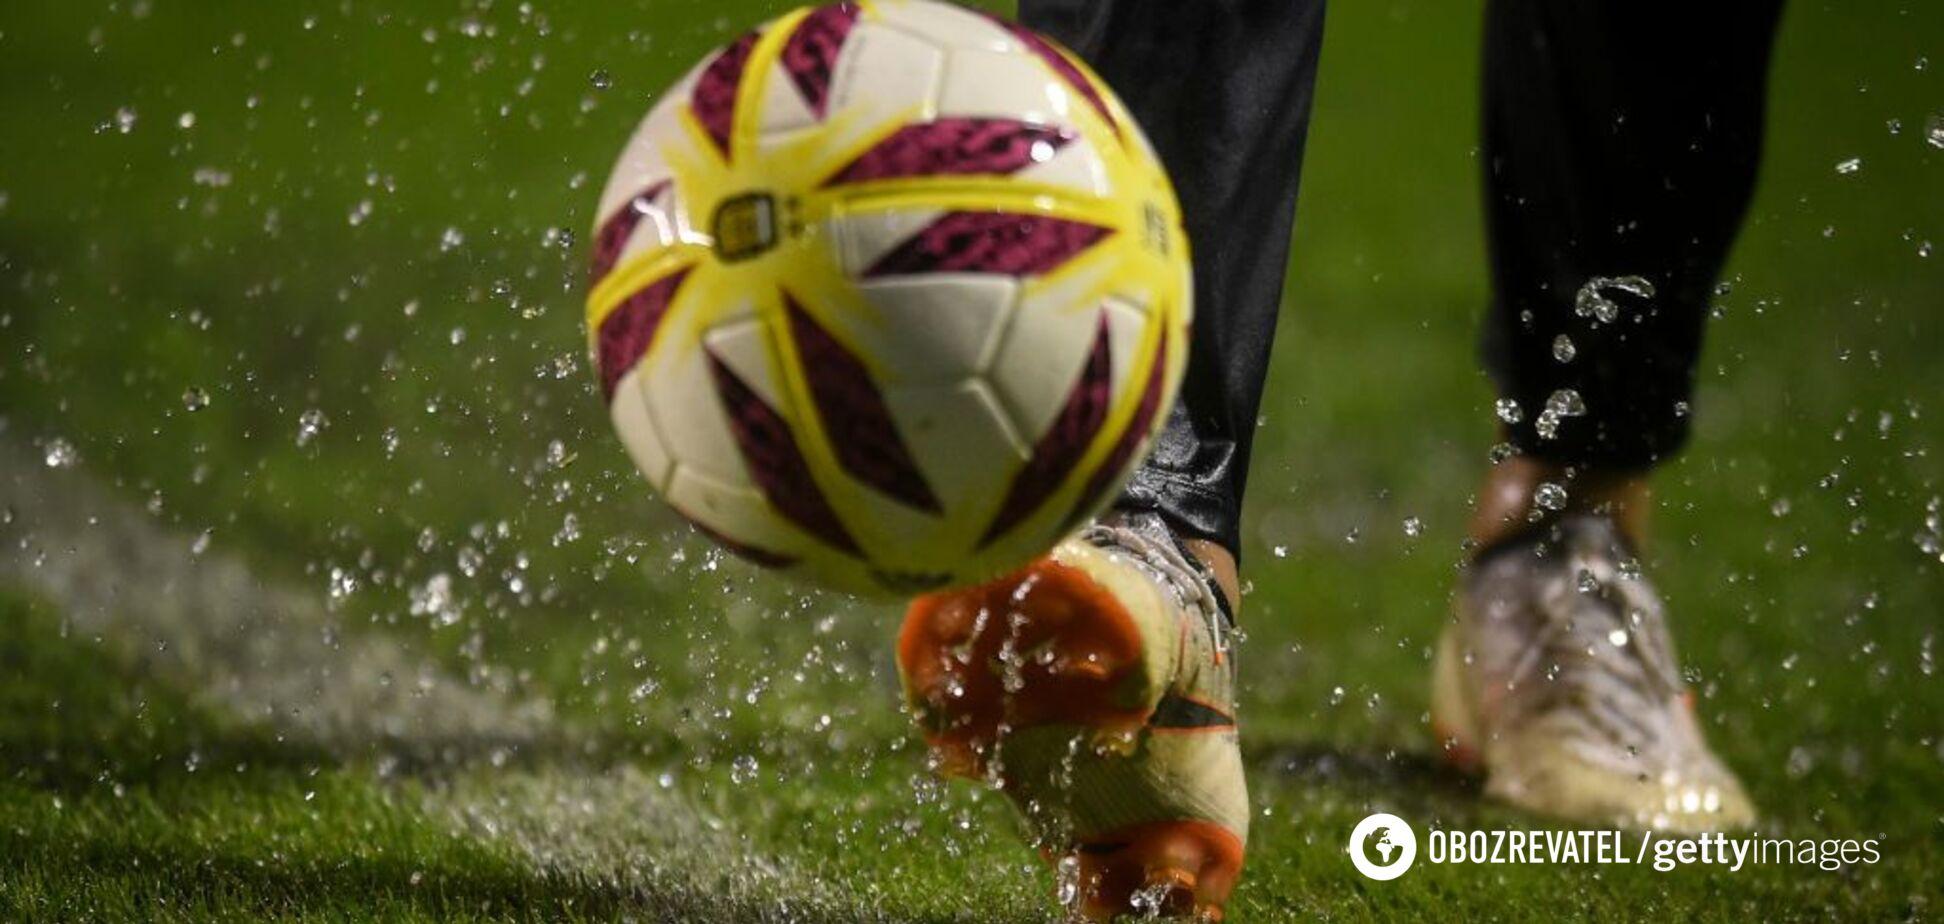 З ноги: в Тунісі футболіст побив болбоя під час матчу – момент потрапив на відео